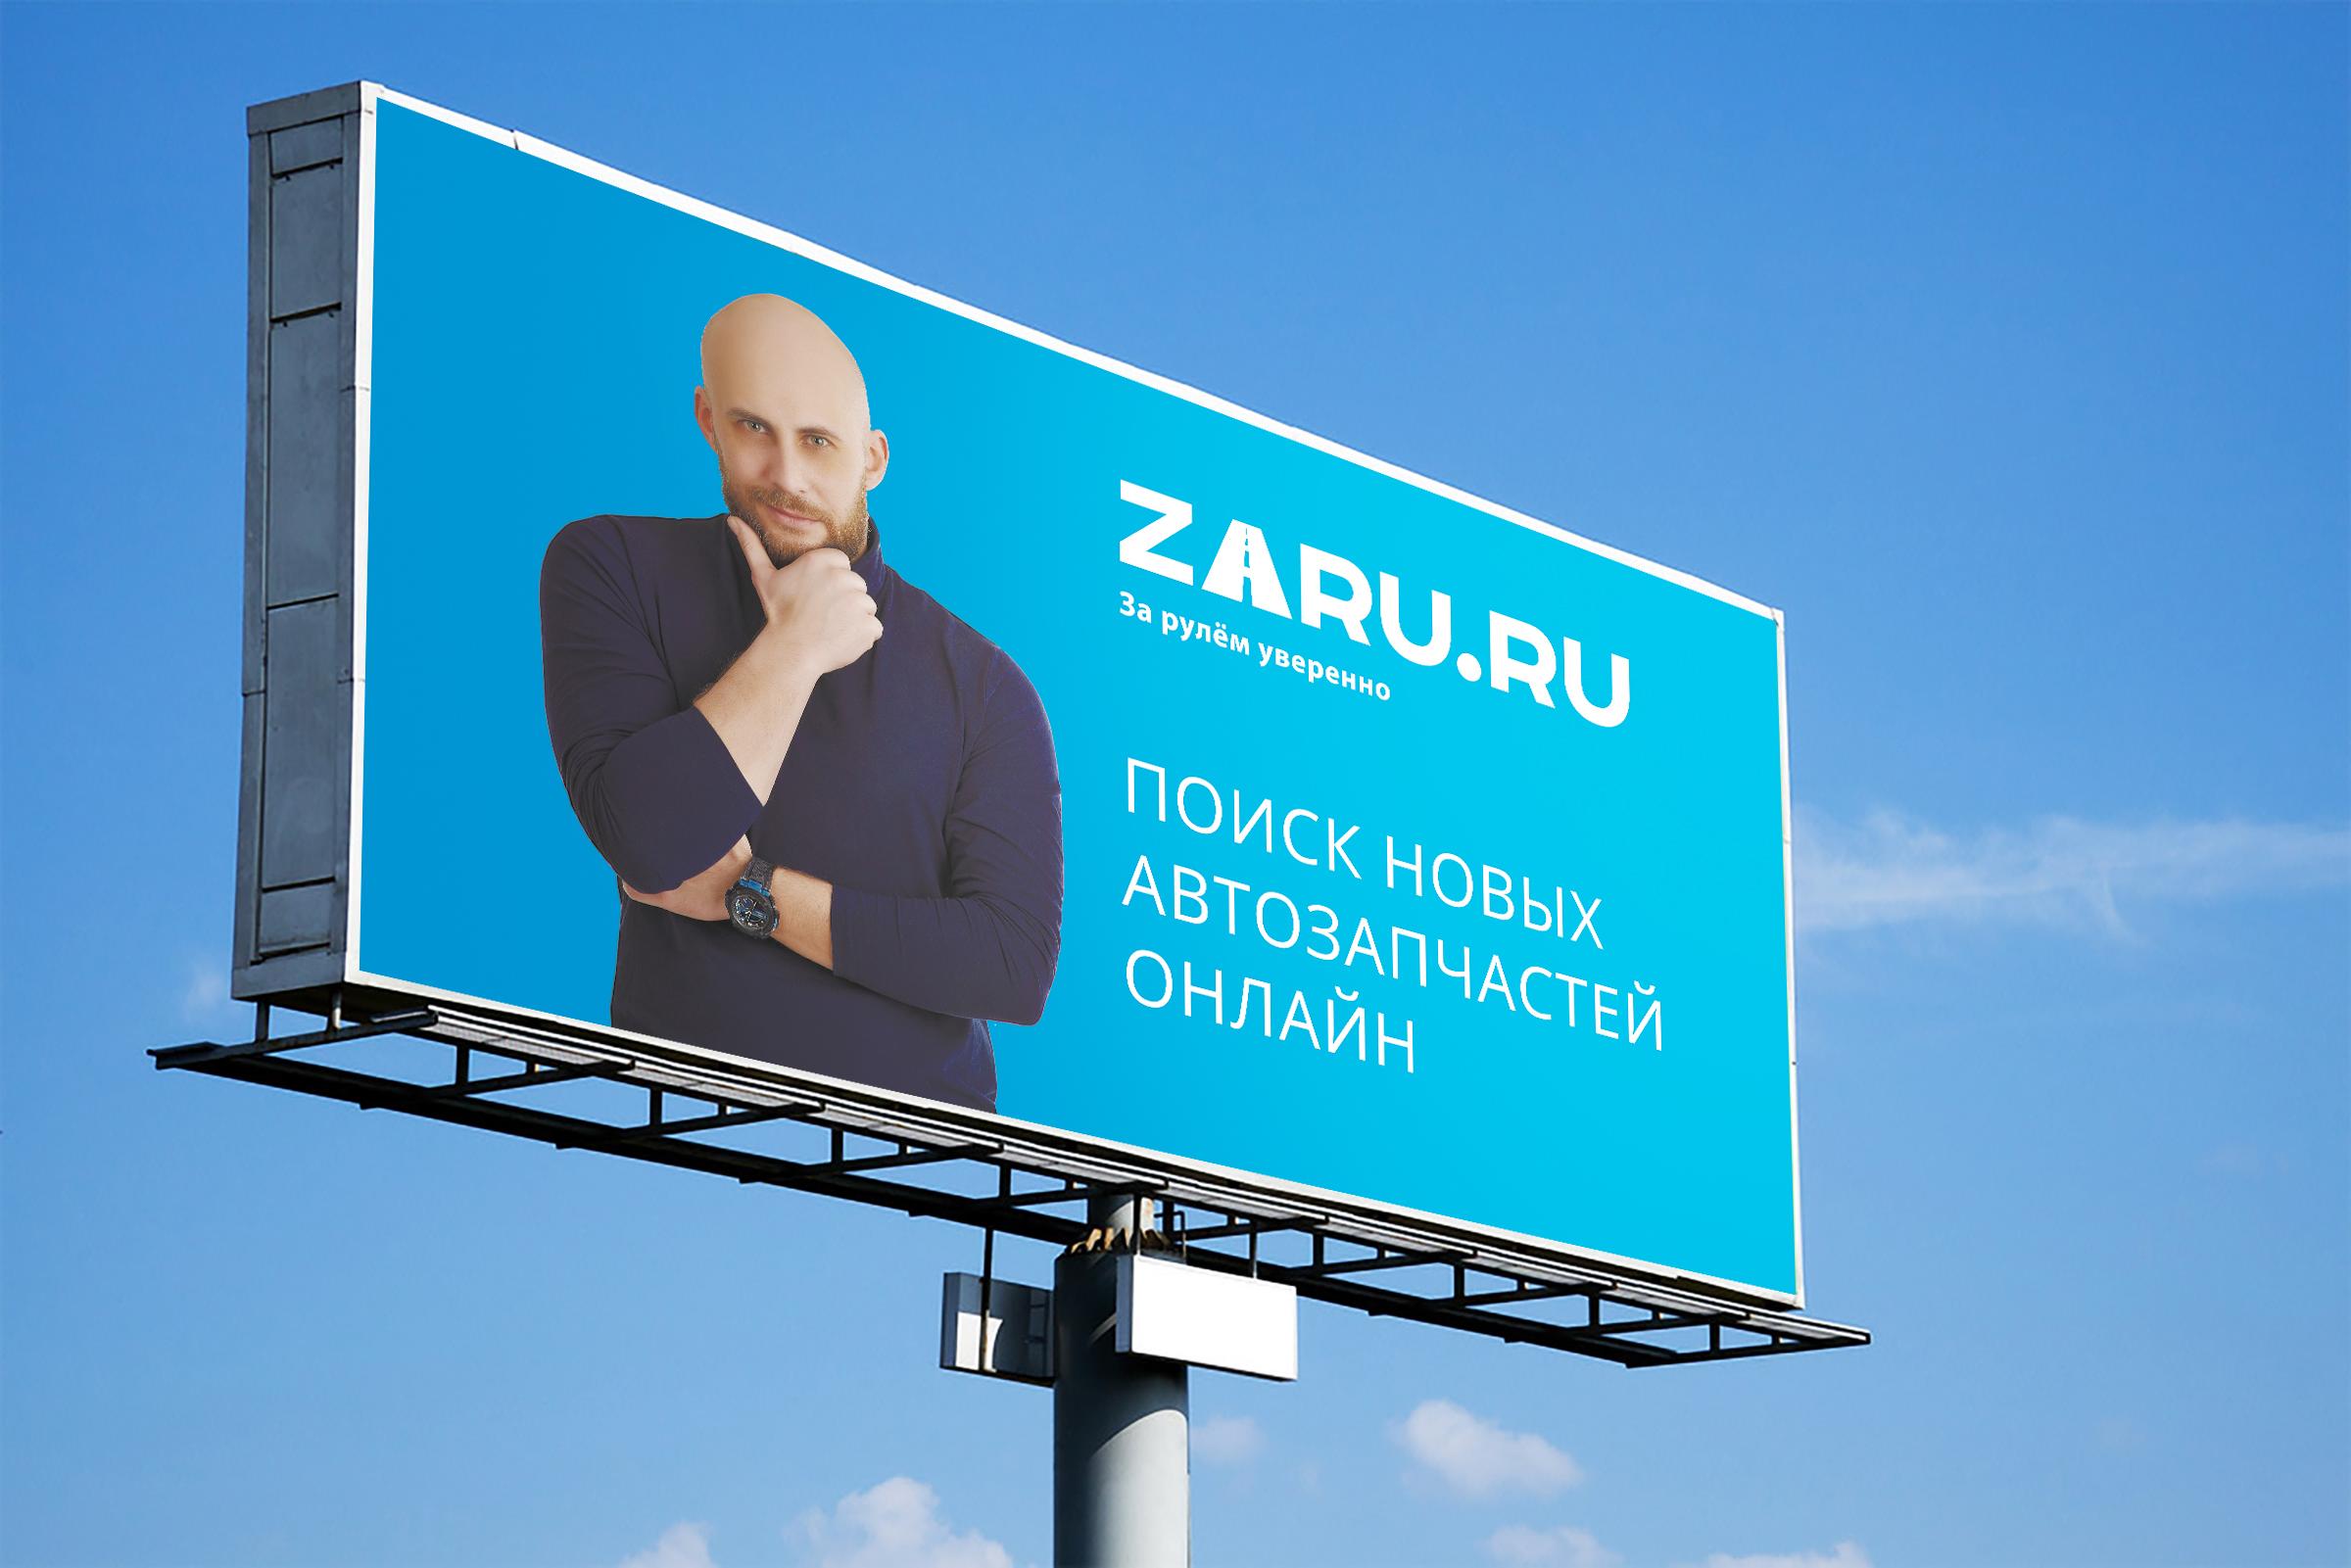 Рекламная фотосъемка для сайта автозапчастей Екатеринбург